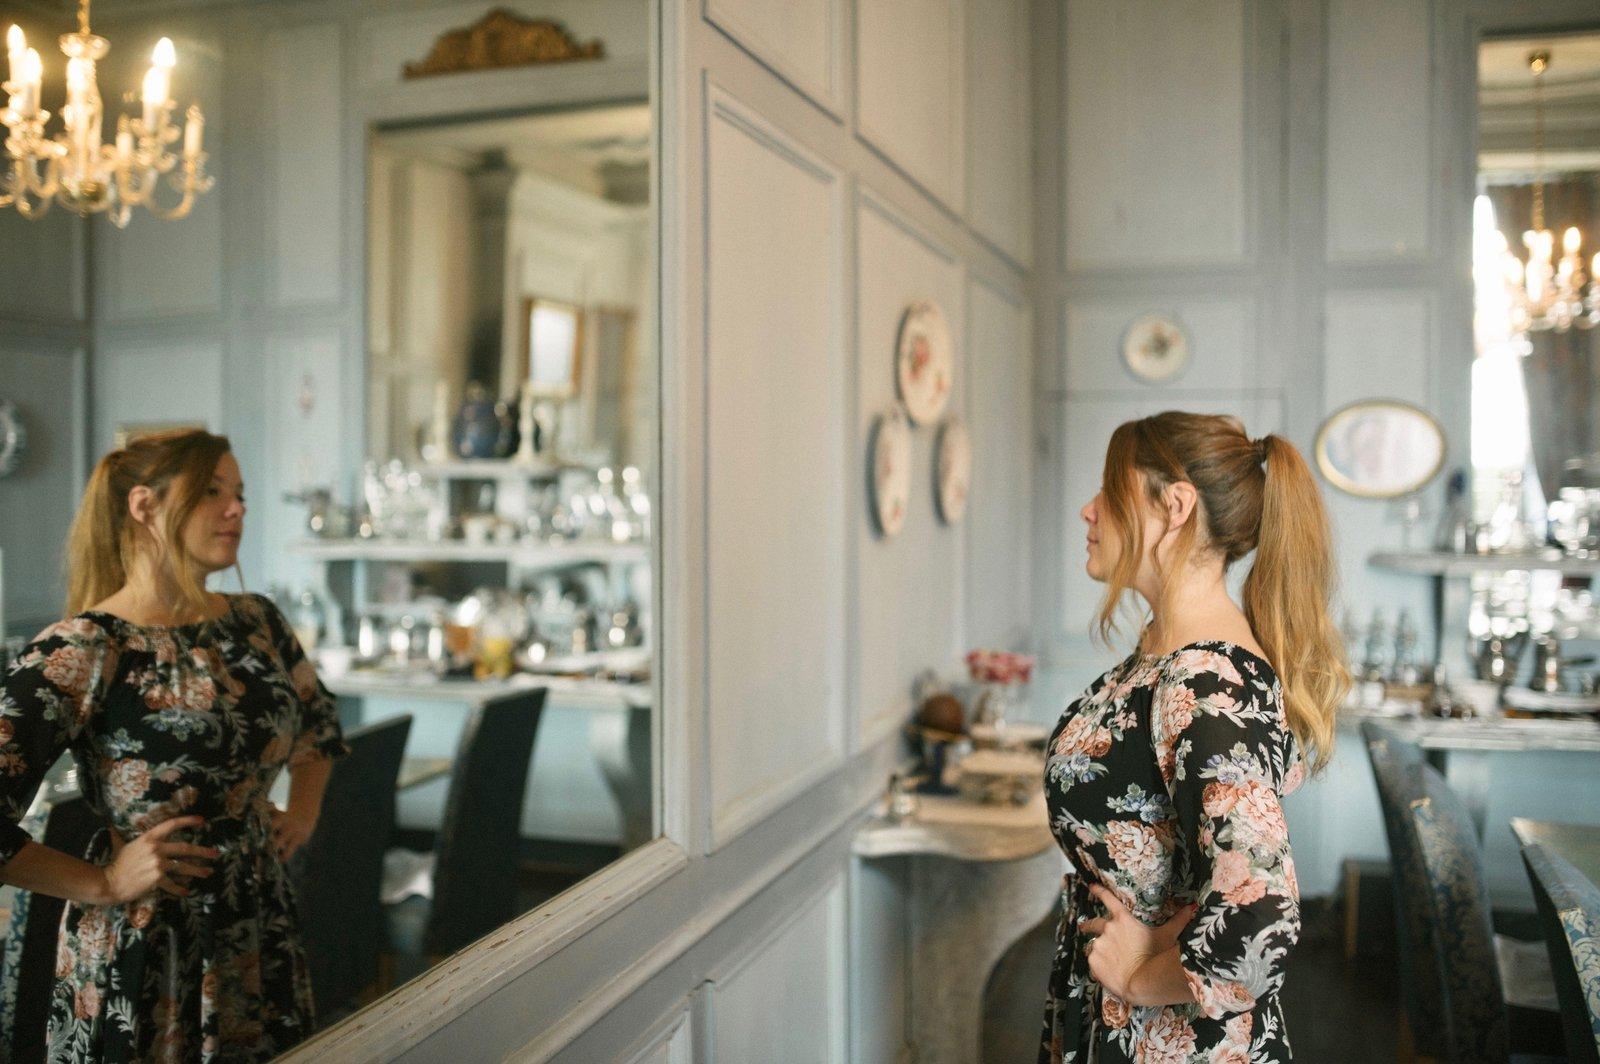 Mirroir mon beau miroir... Bazouges-la-Pérouse